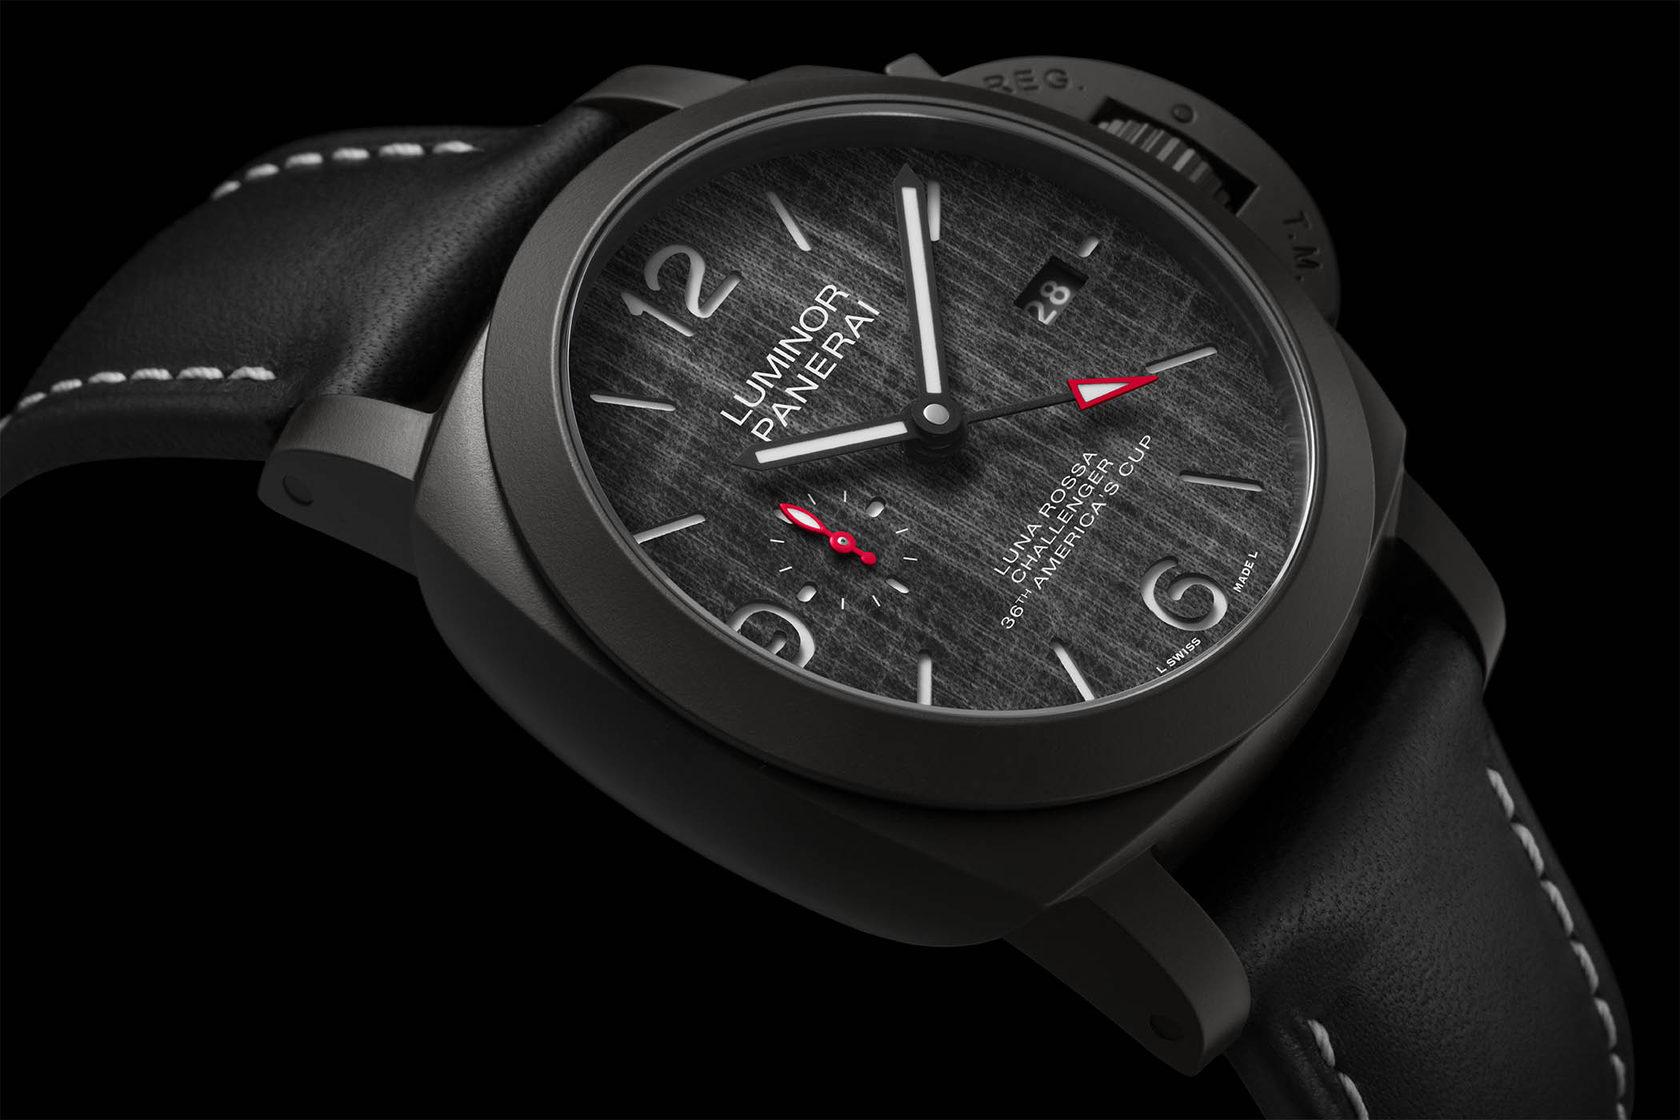 Продать часы Panerai в дорого - Выкуп б/у часов Panerai